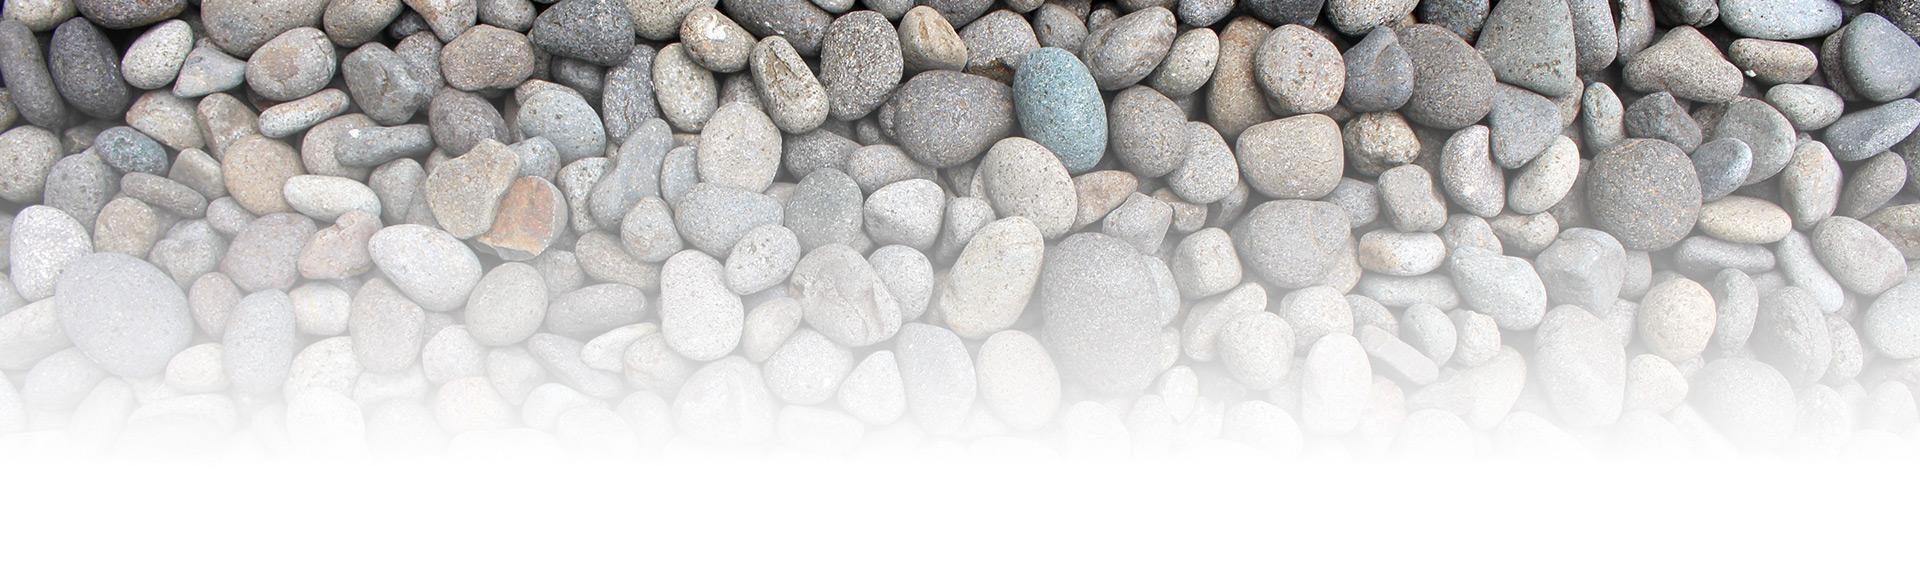 Kamienie ozdobne otoczaki